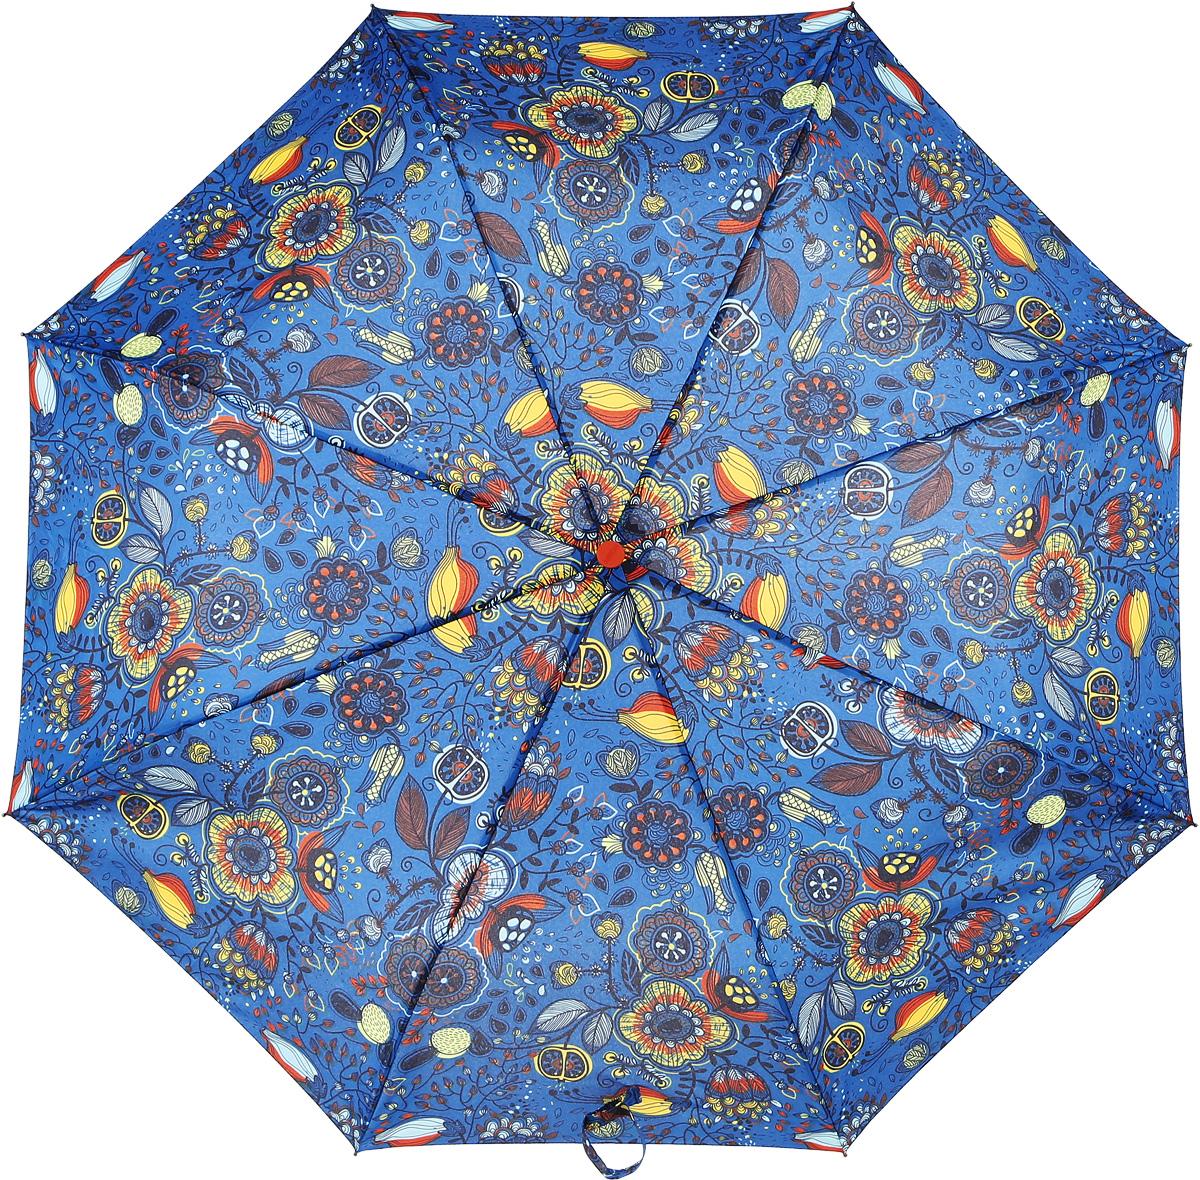 Зонт женский Airton, механический, 3 сложения, цвет: голубой, оранжевый. 3515-138Колье (короткие одноярусные бусы)Классический женский зонт Airton в 3 сложения имеет механическую систему открытия и закрытия.Каркас зонта выполнен из восьми спиц на прочном стержне. Купол зонта изготовлен из прочного полиэстера. Практичная рукоятка закругленной формы разработана с учетом требований эргономики и выполнена из качественного пластикас противоскользящей обработкой.Такой зонт оснащен системой антиветер, которая позволяет спицам при порывах ветрах выгибаться наизнанку, и при этом не ломаться. К зонту прилагается чехол.